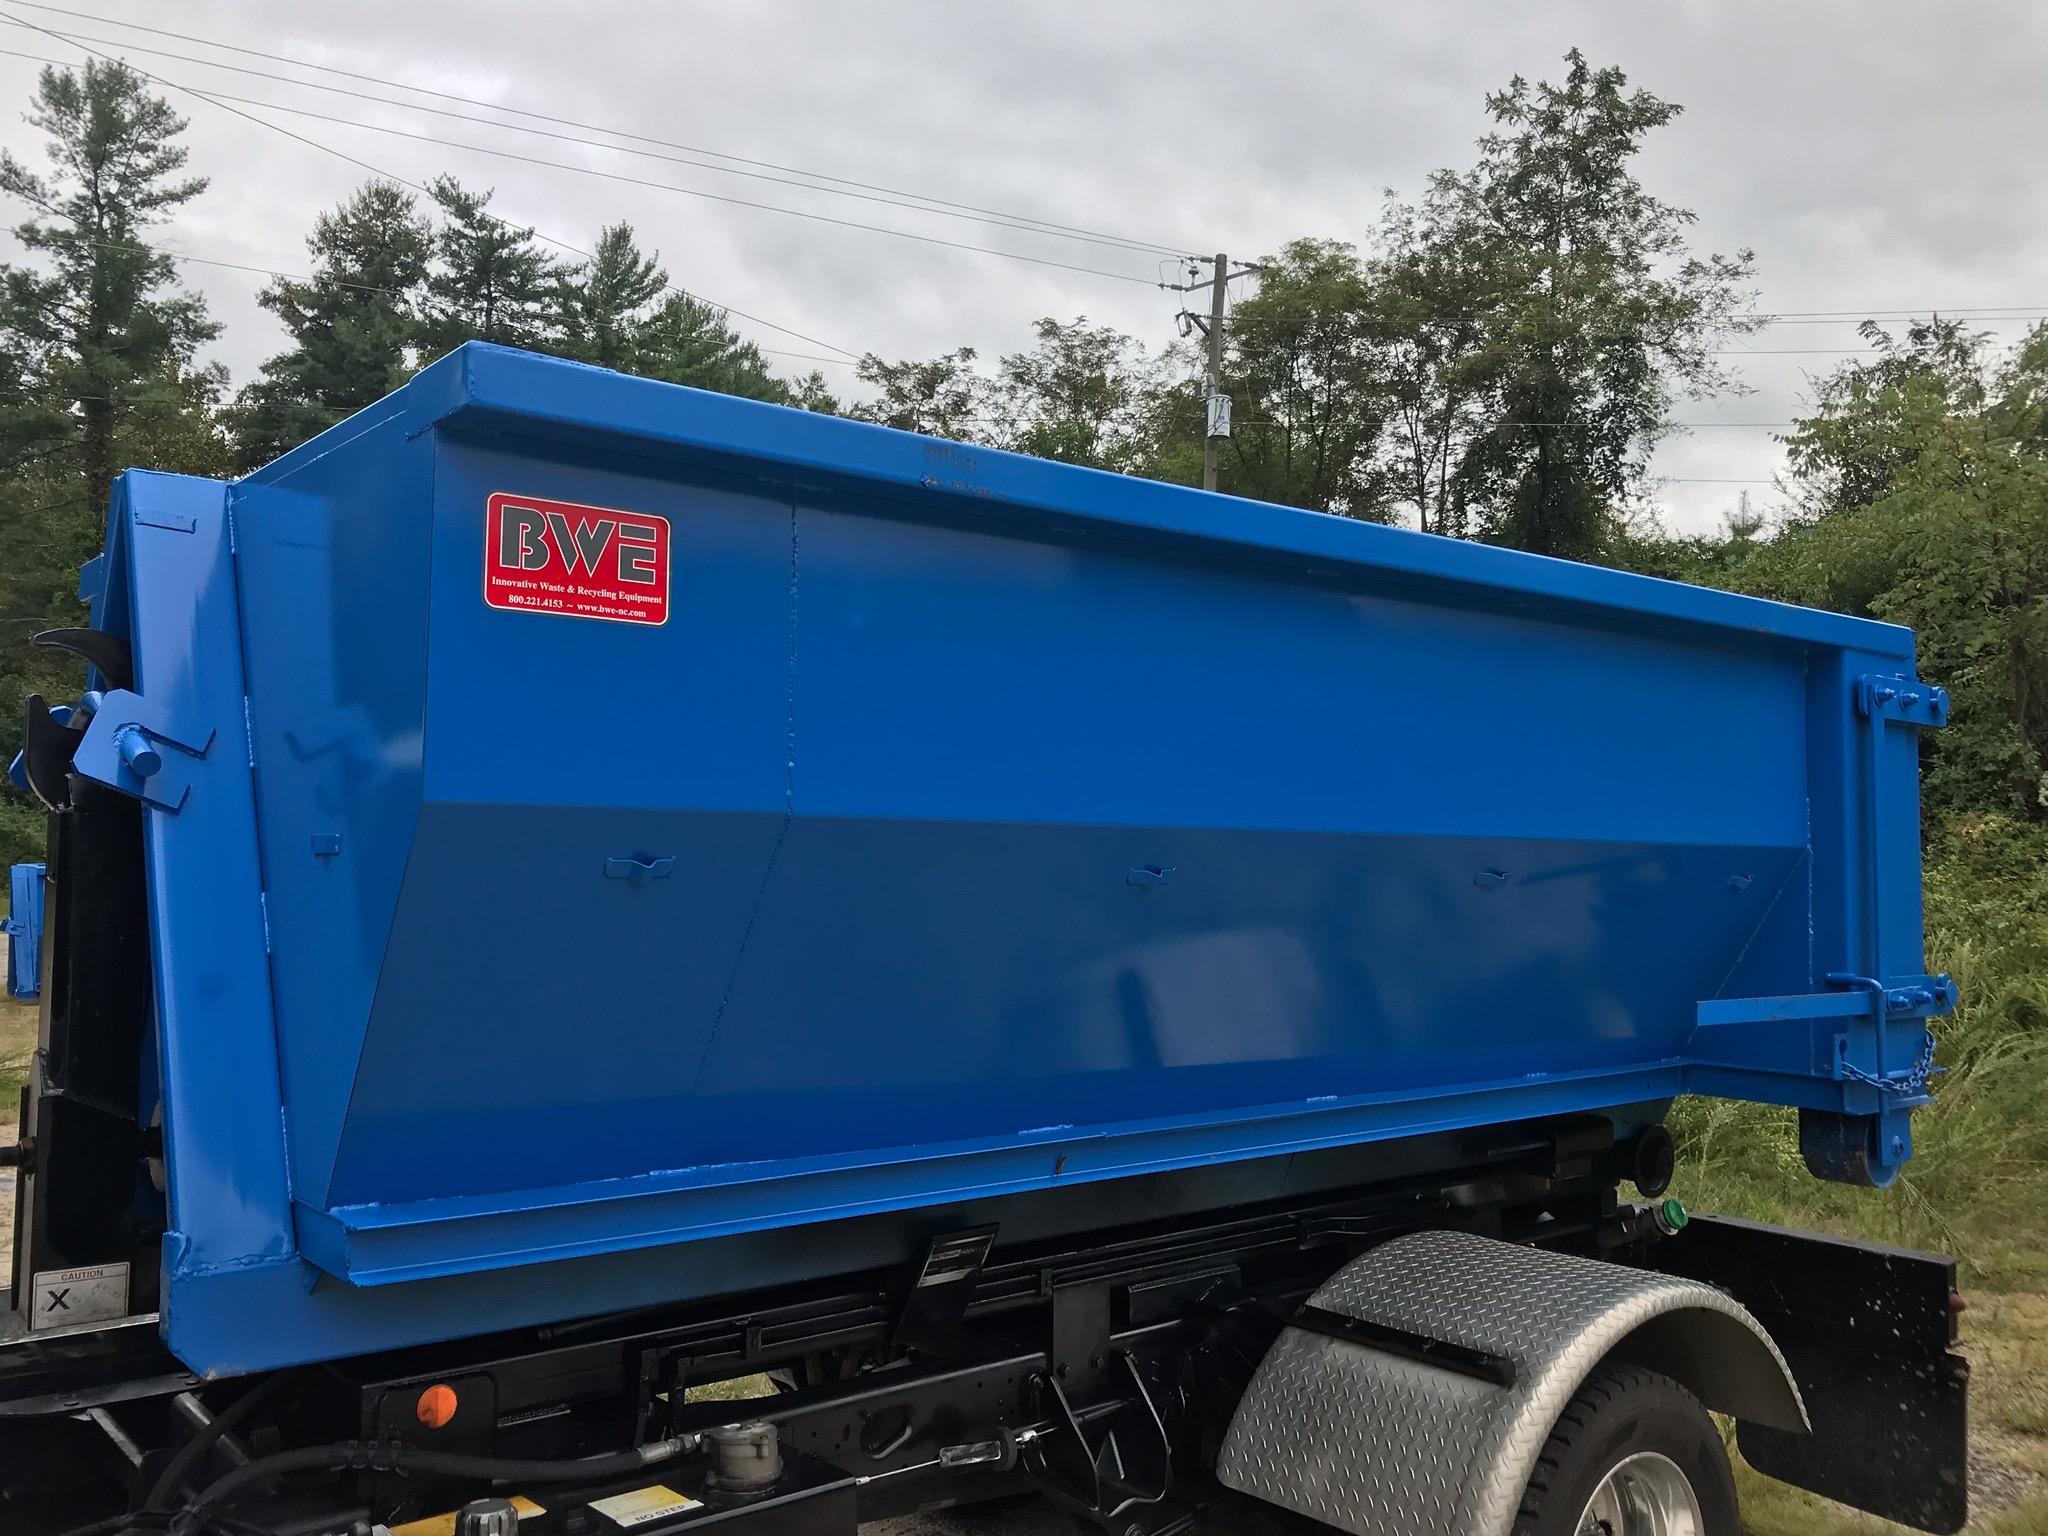 Waste Service Management